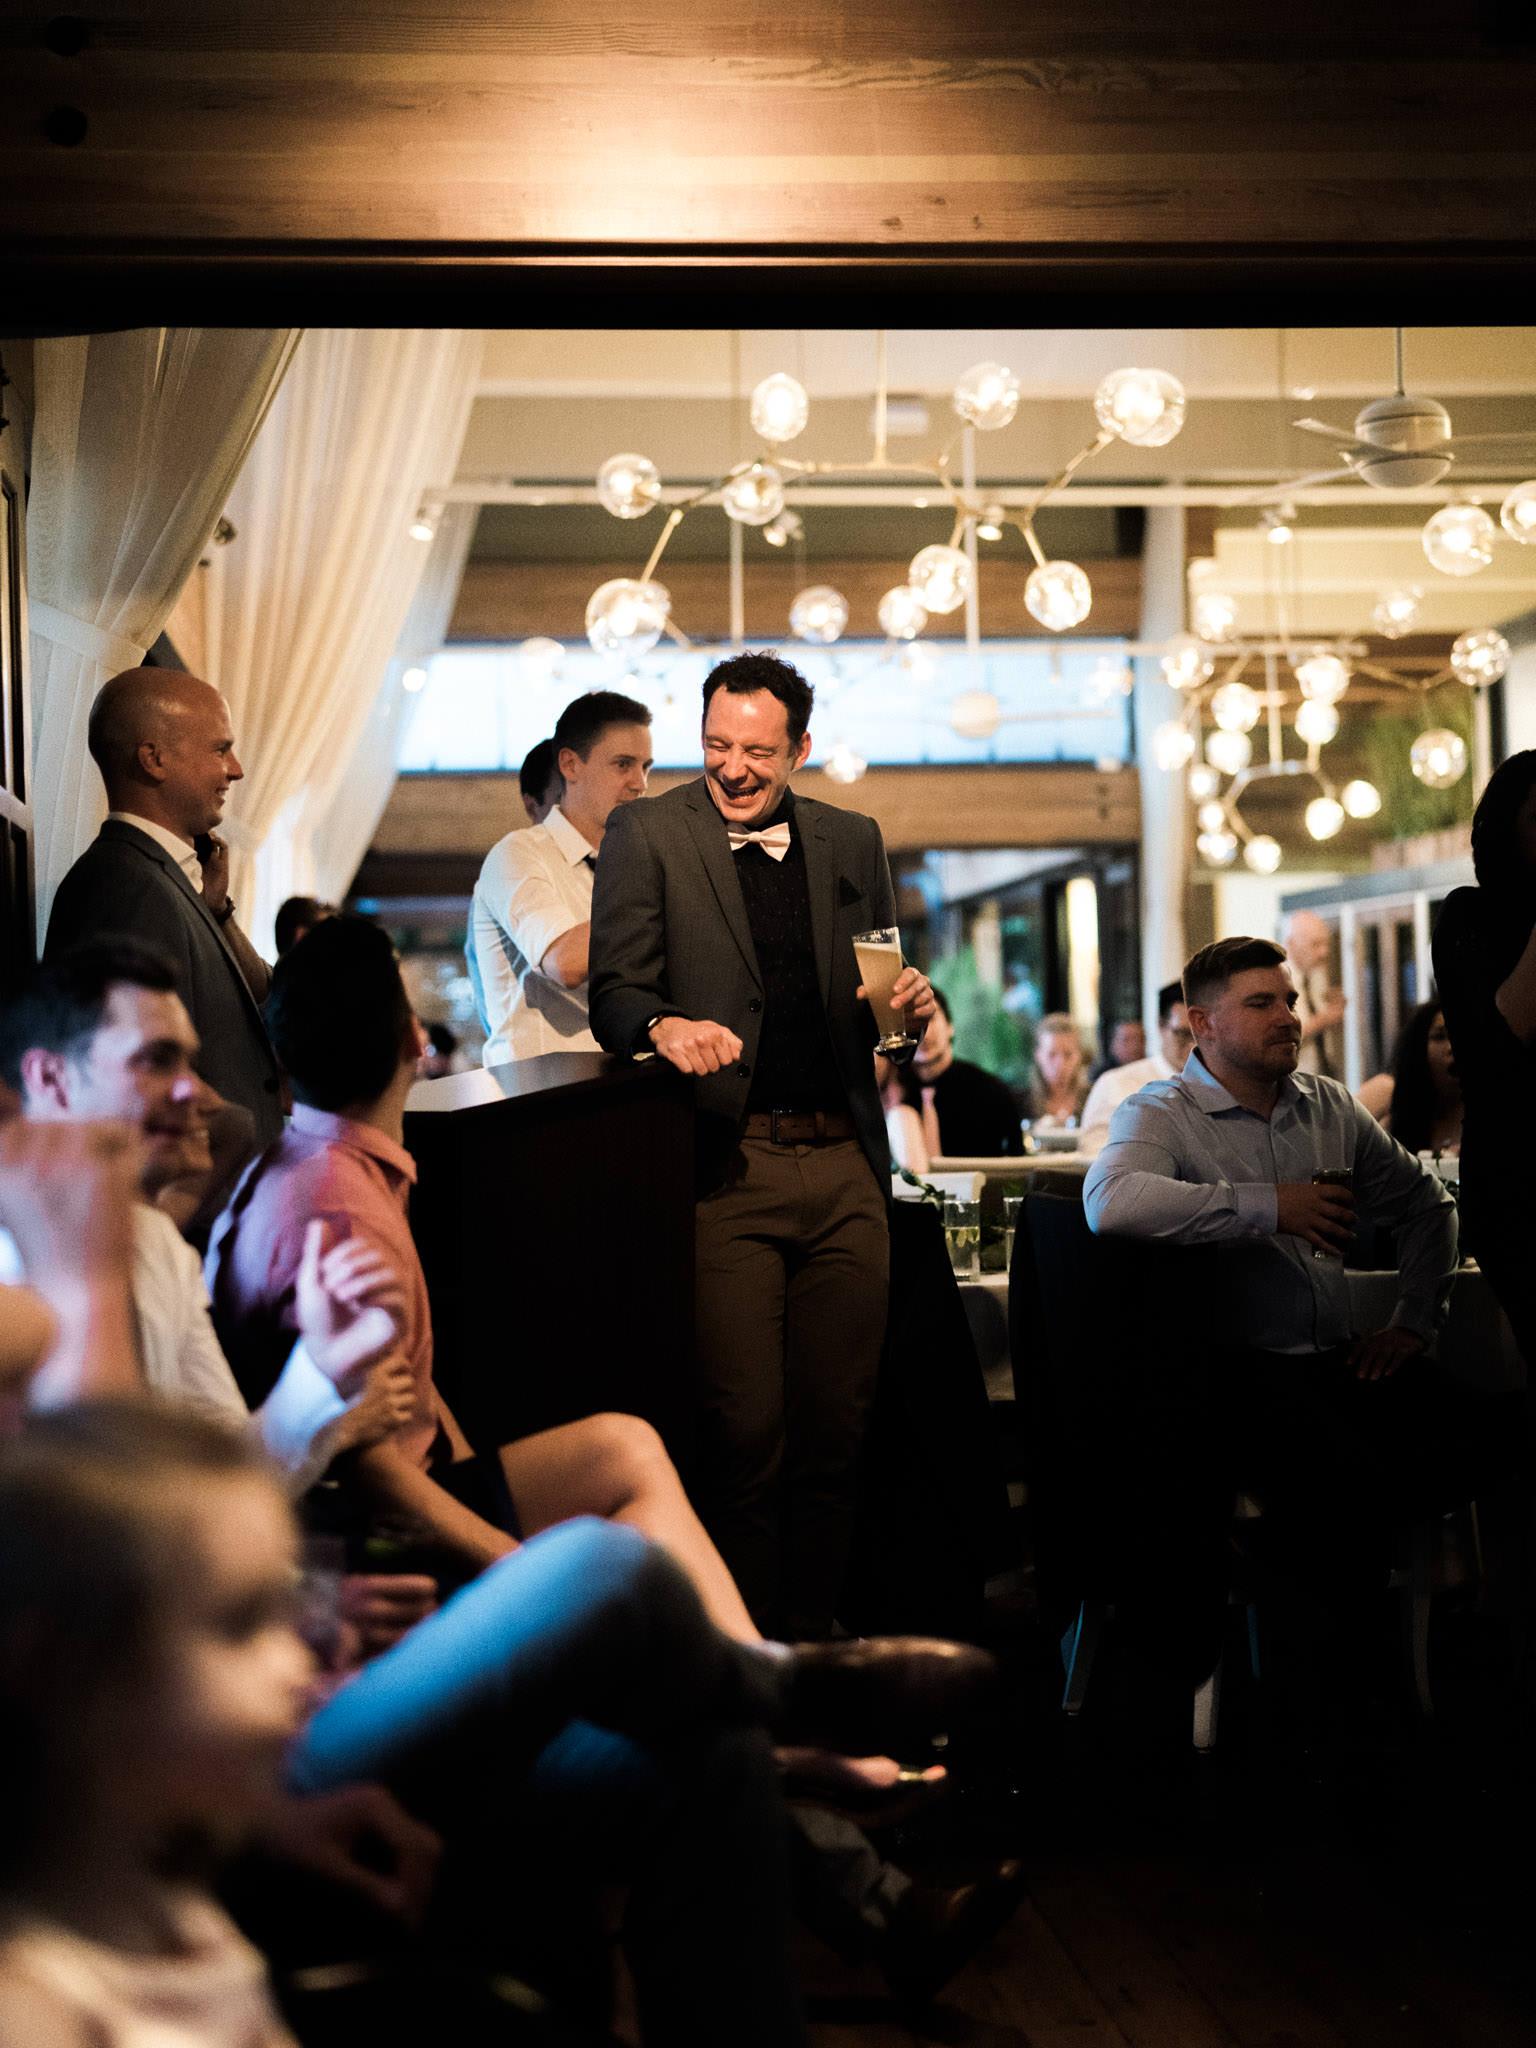 Dance floor at Shaughnessy Restaurant wedding